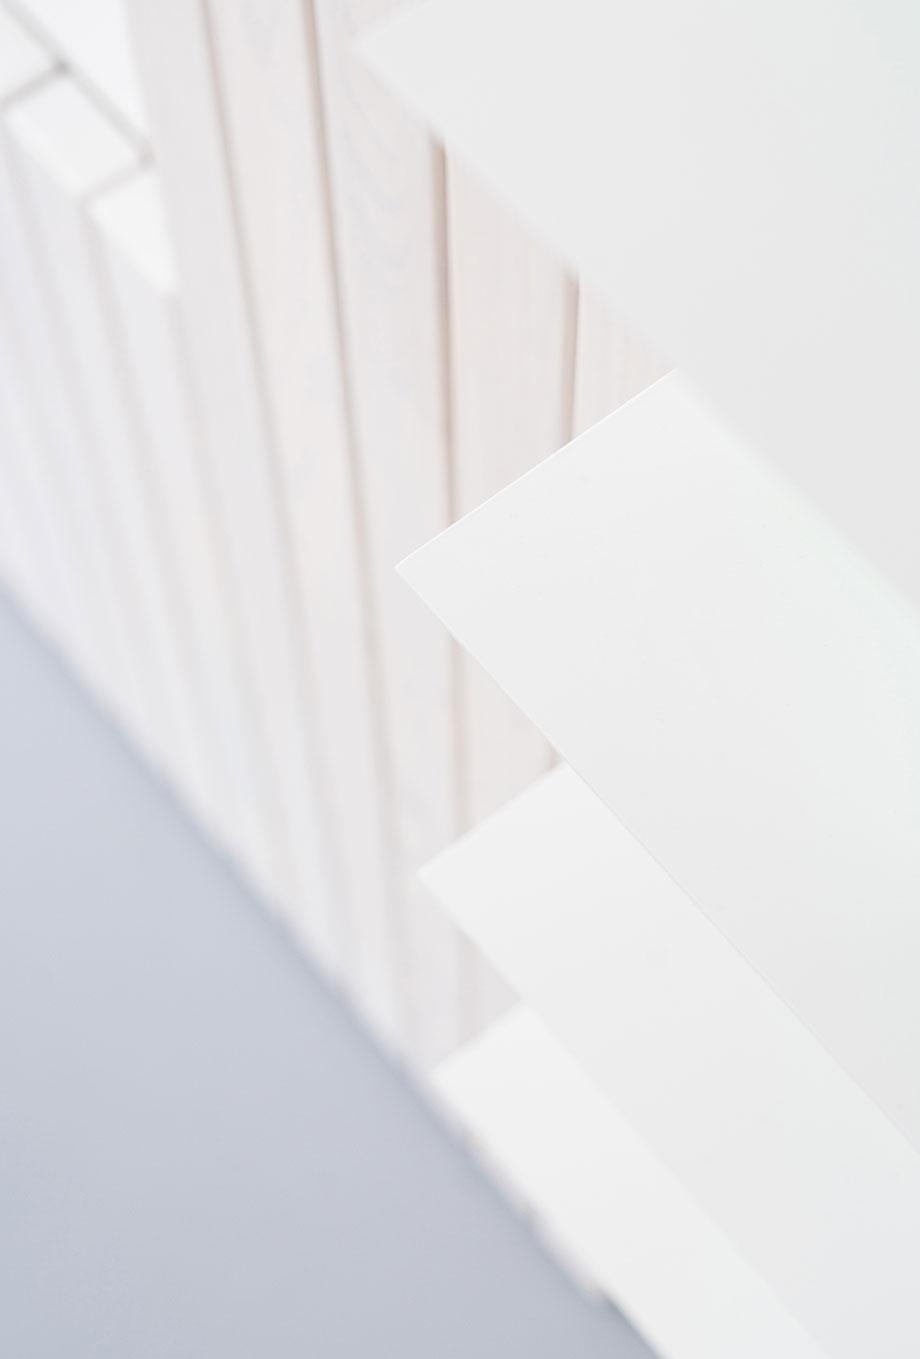 tienda vaay de batek architekten (9) - fotografía marcus wend